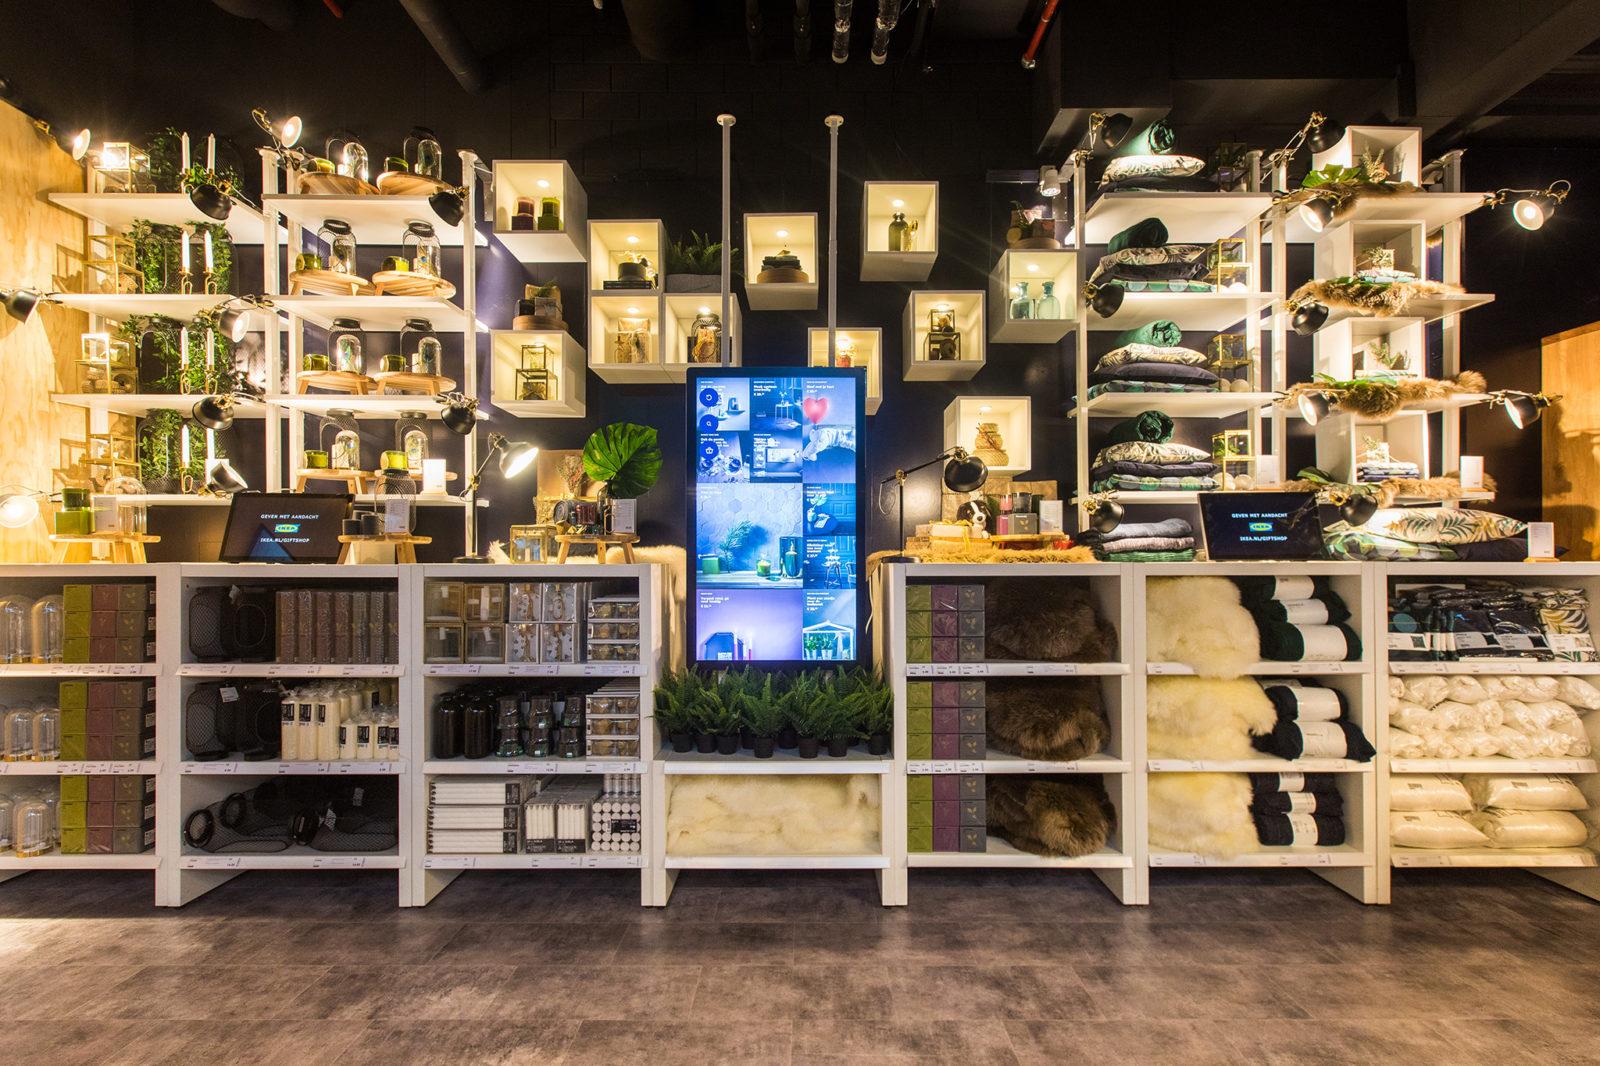 Triomf - ikea gift shop vredenburg utrecht 2017 triomf